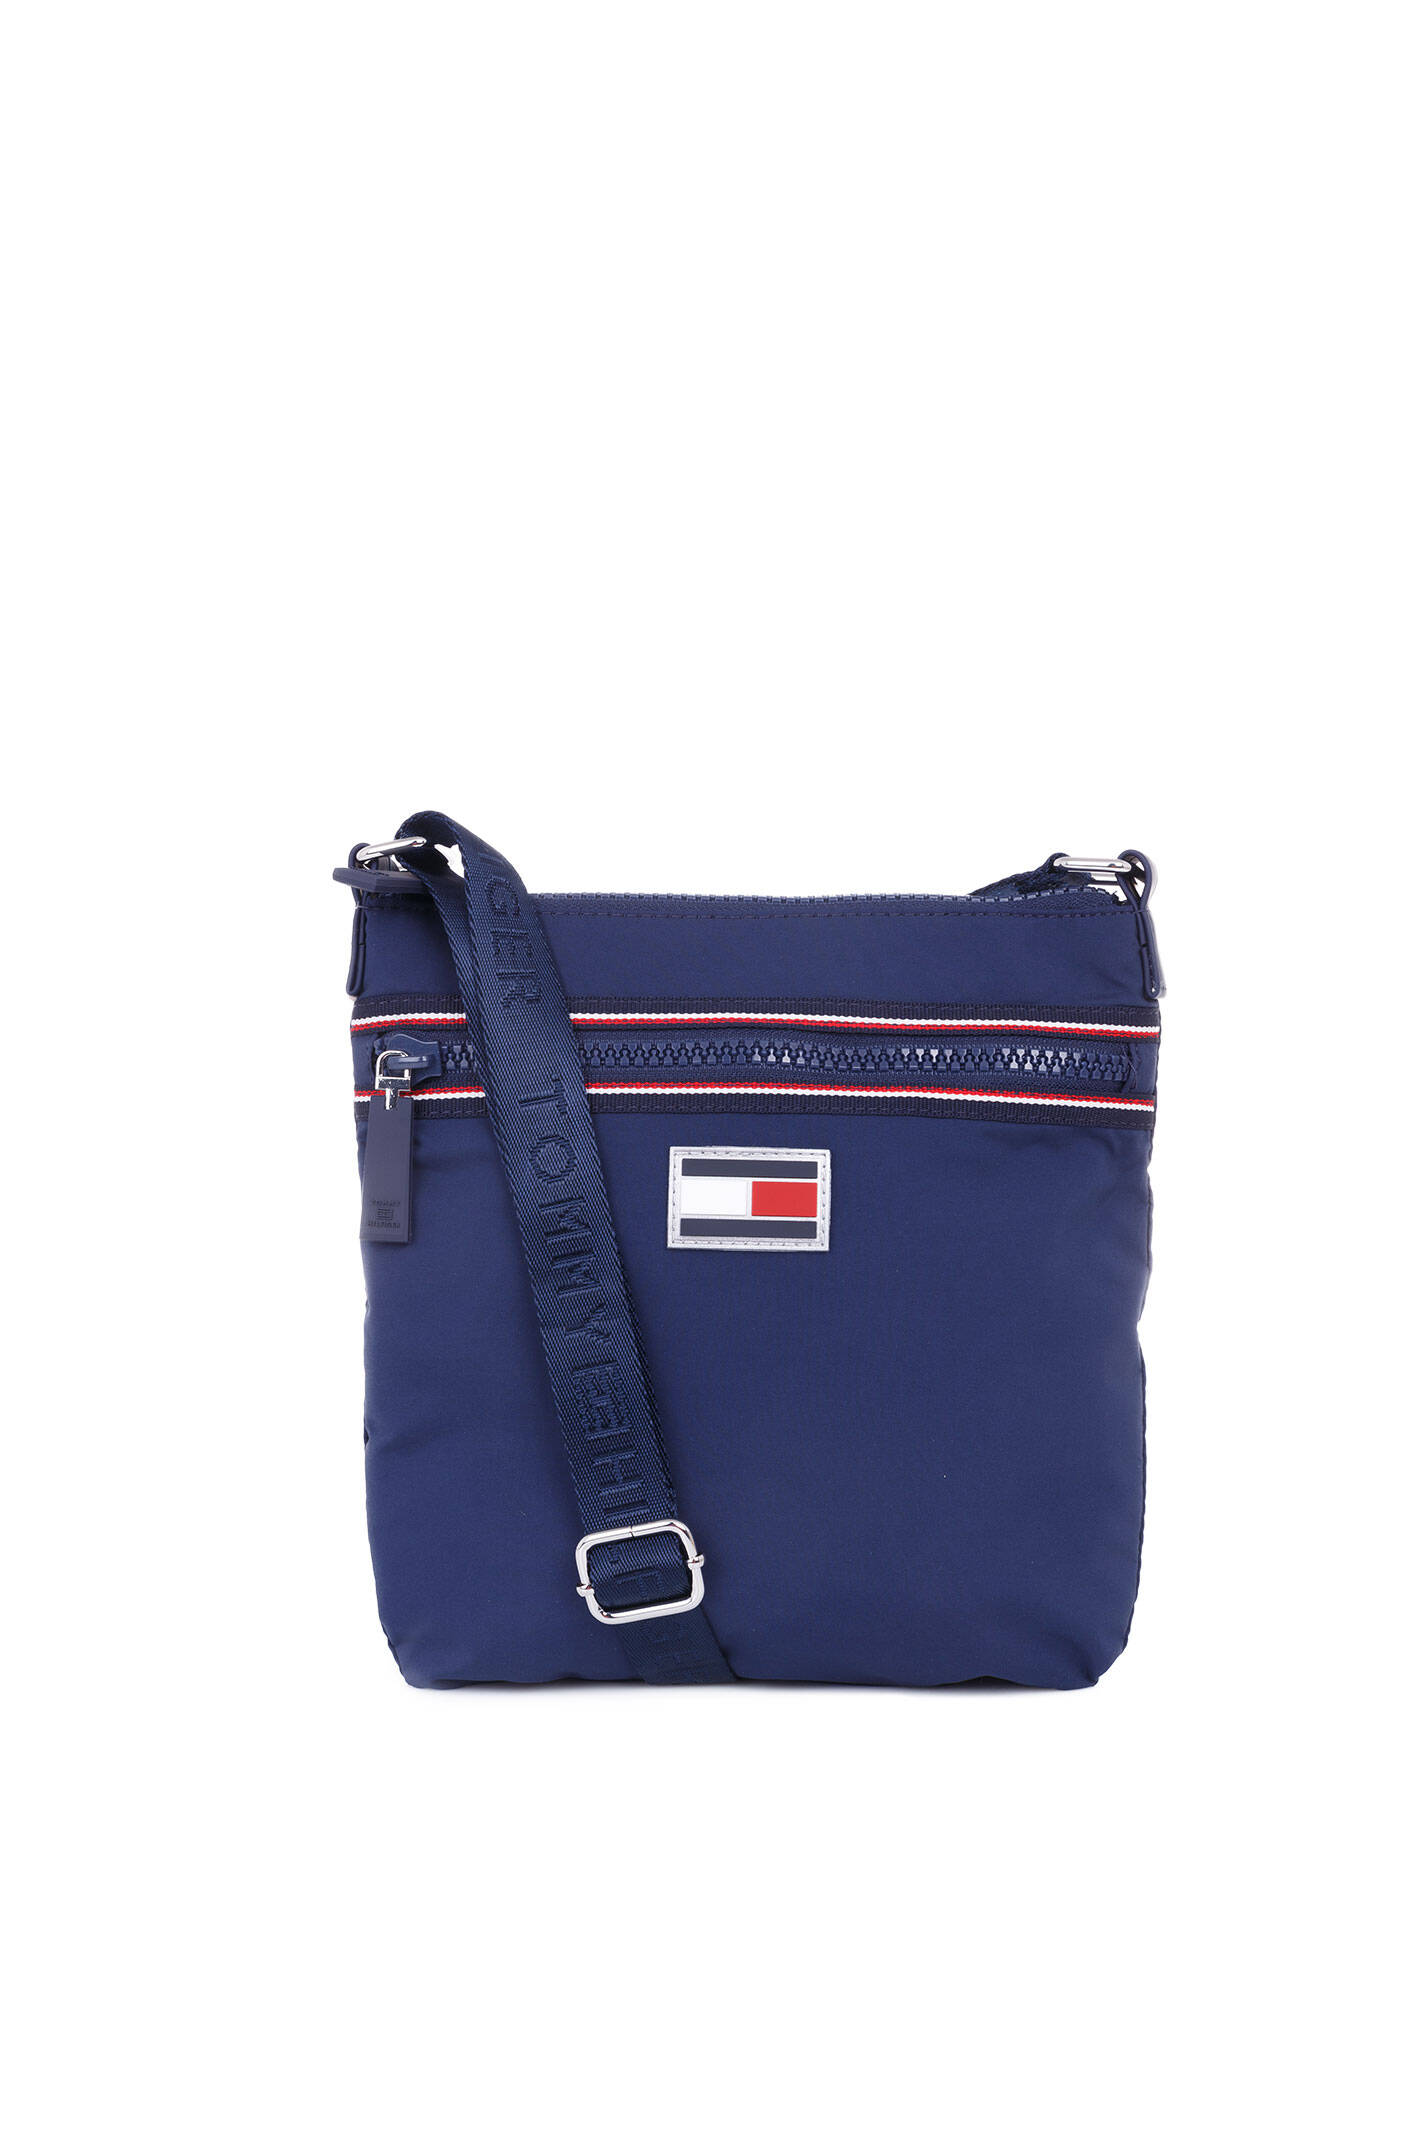 Athletic messenger bag Tommy Hilfiger - Navy blue - bags - Gomez.pl